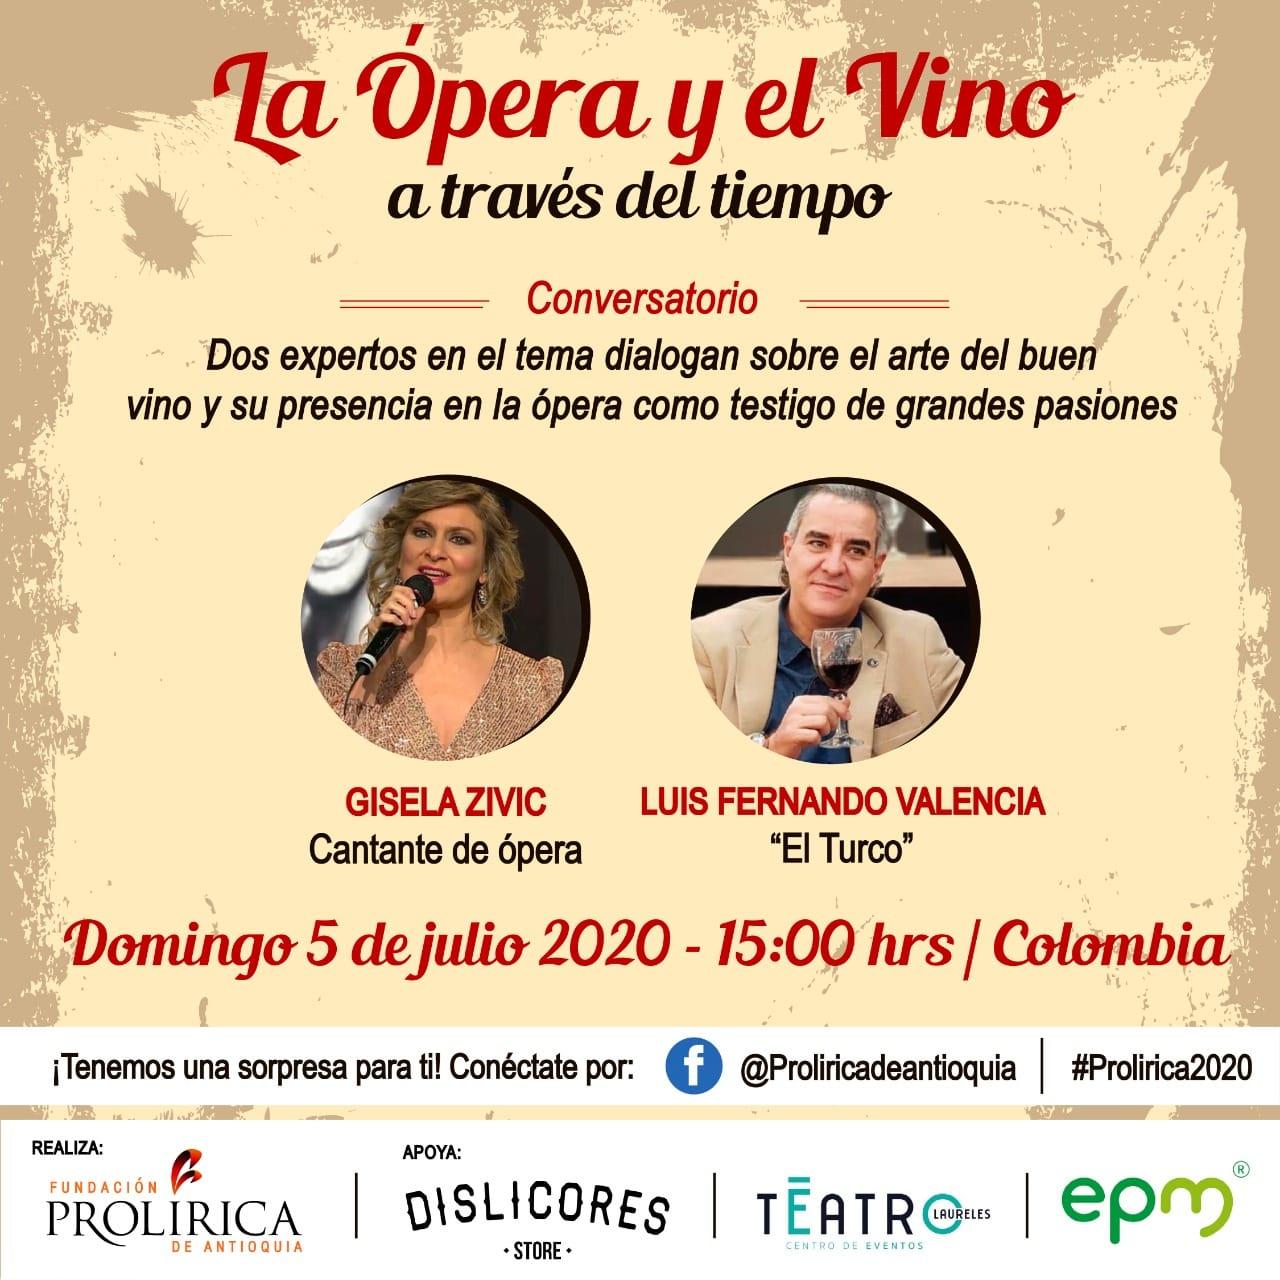 La opera y el vino